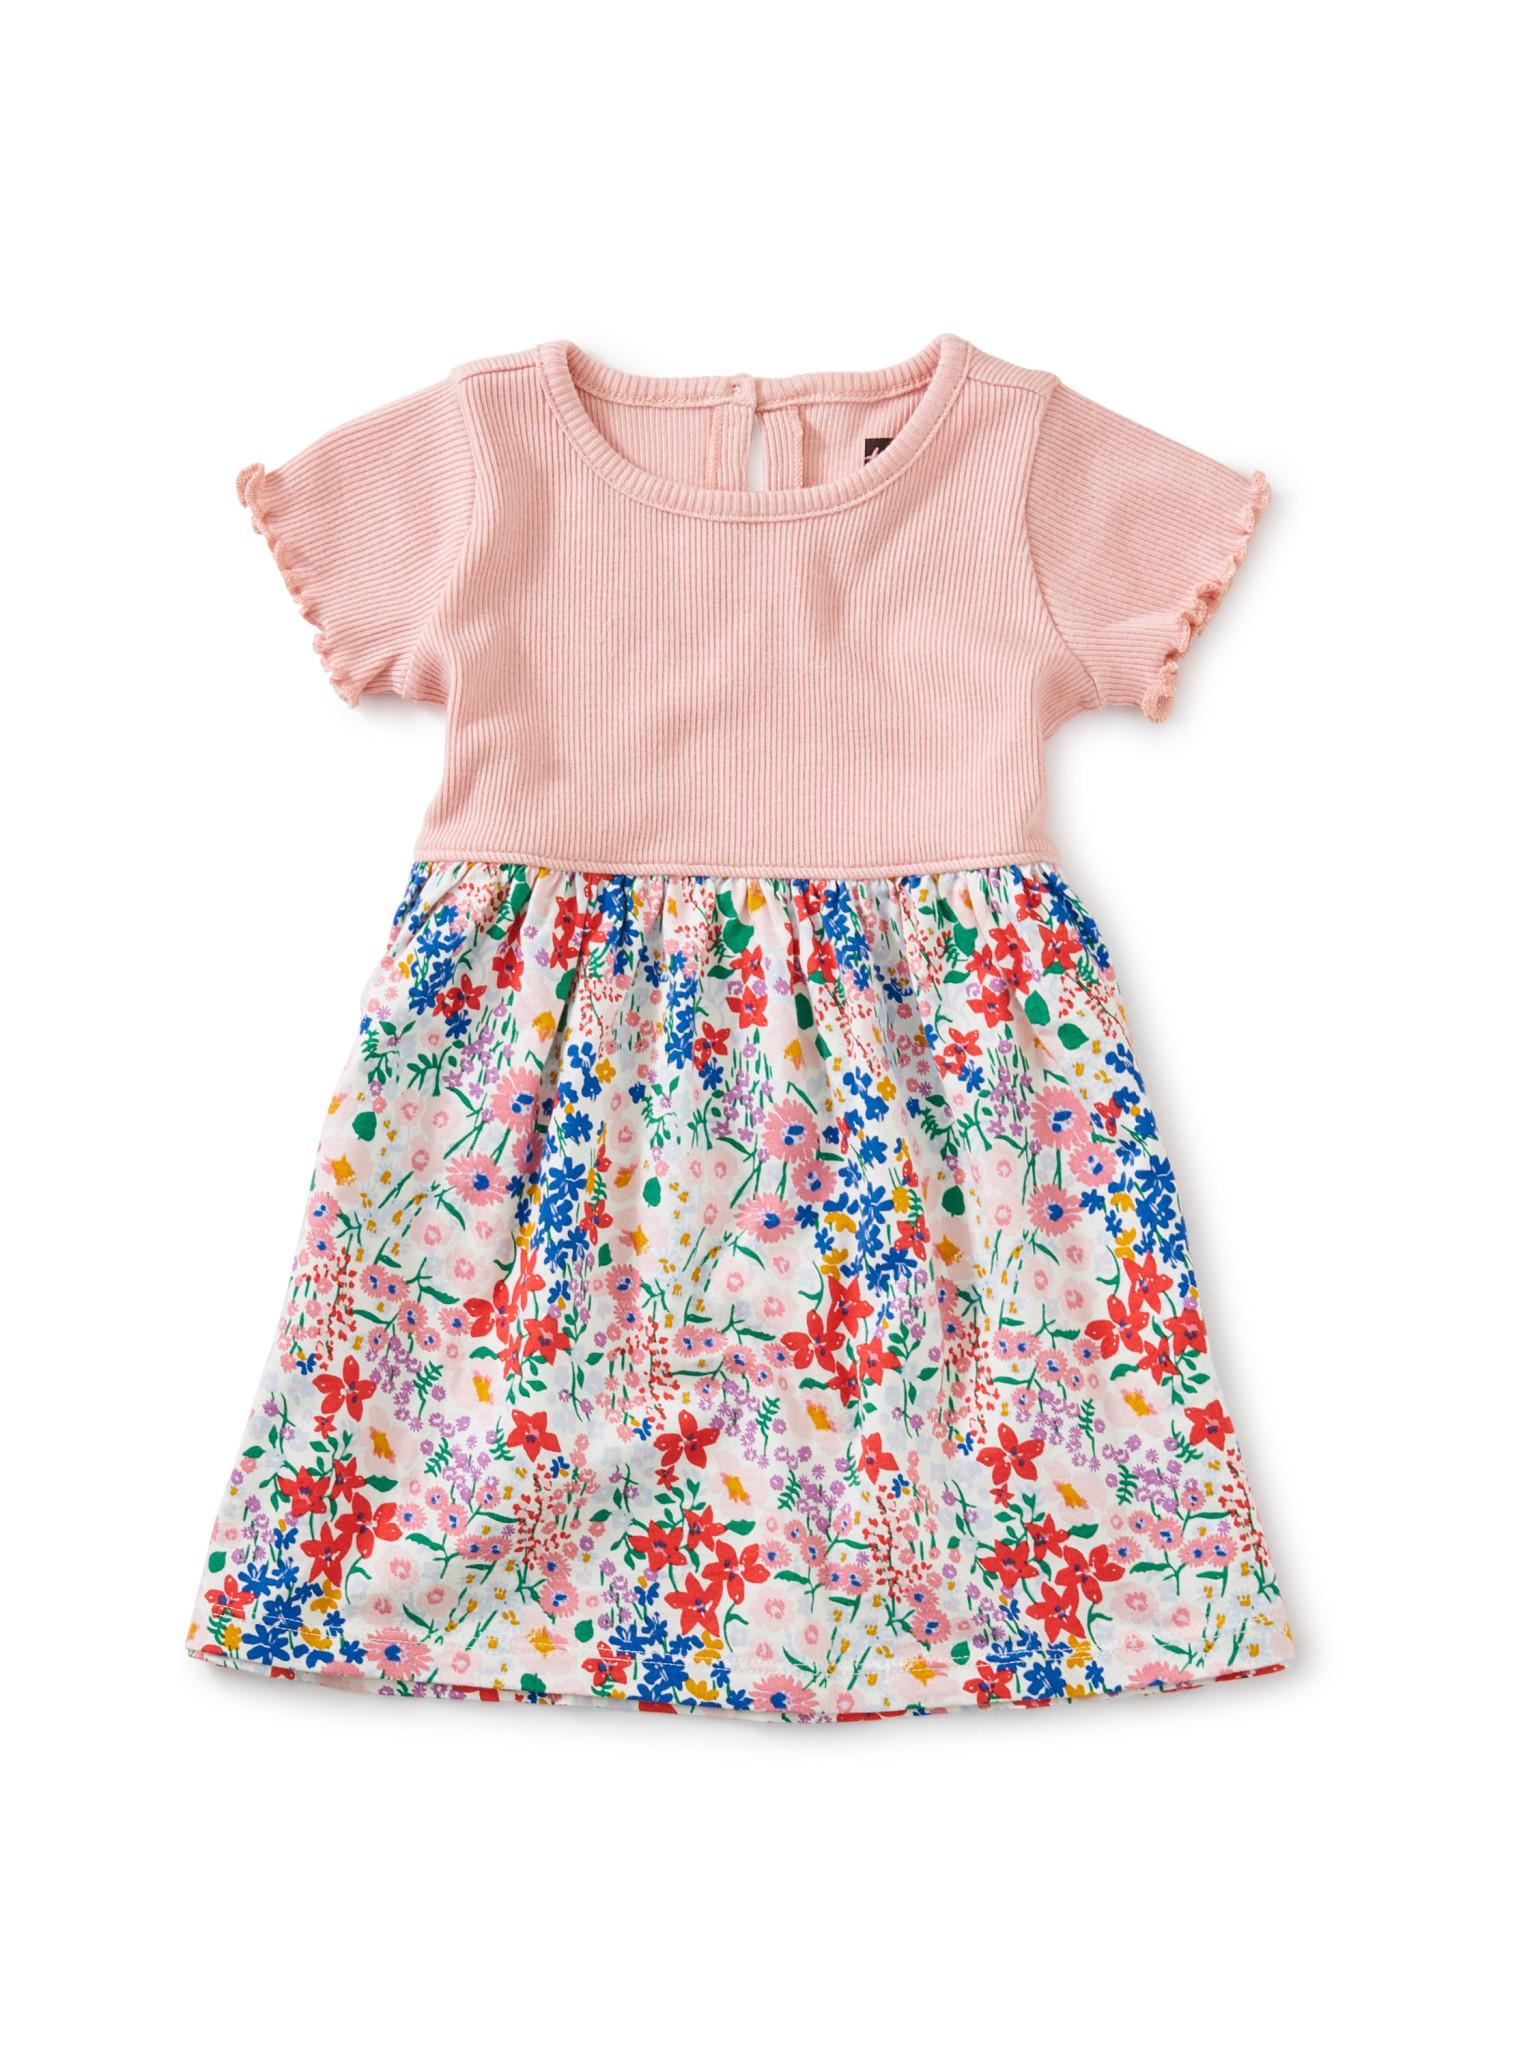 Tea Collection Print Mix Full Skirt Dress- Garden Chalk